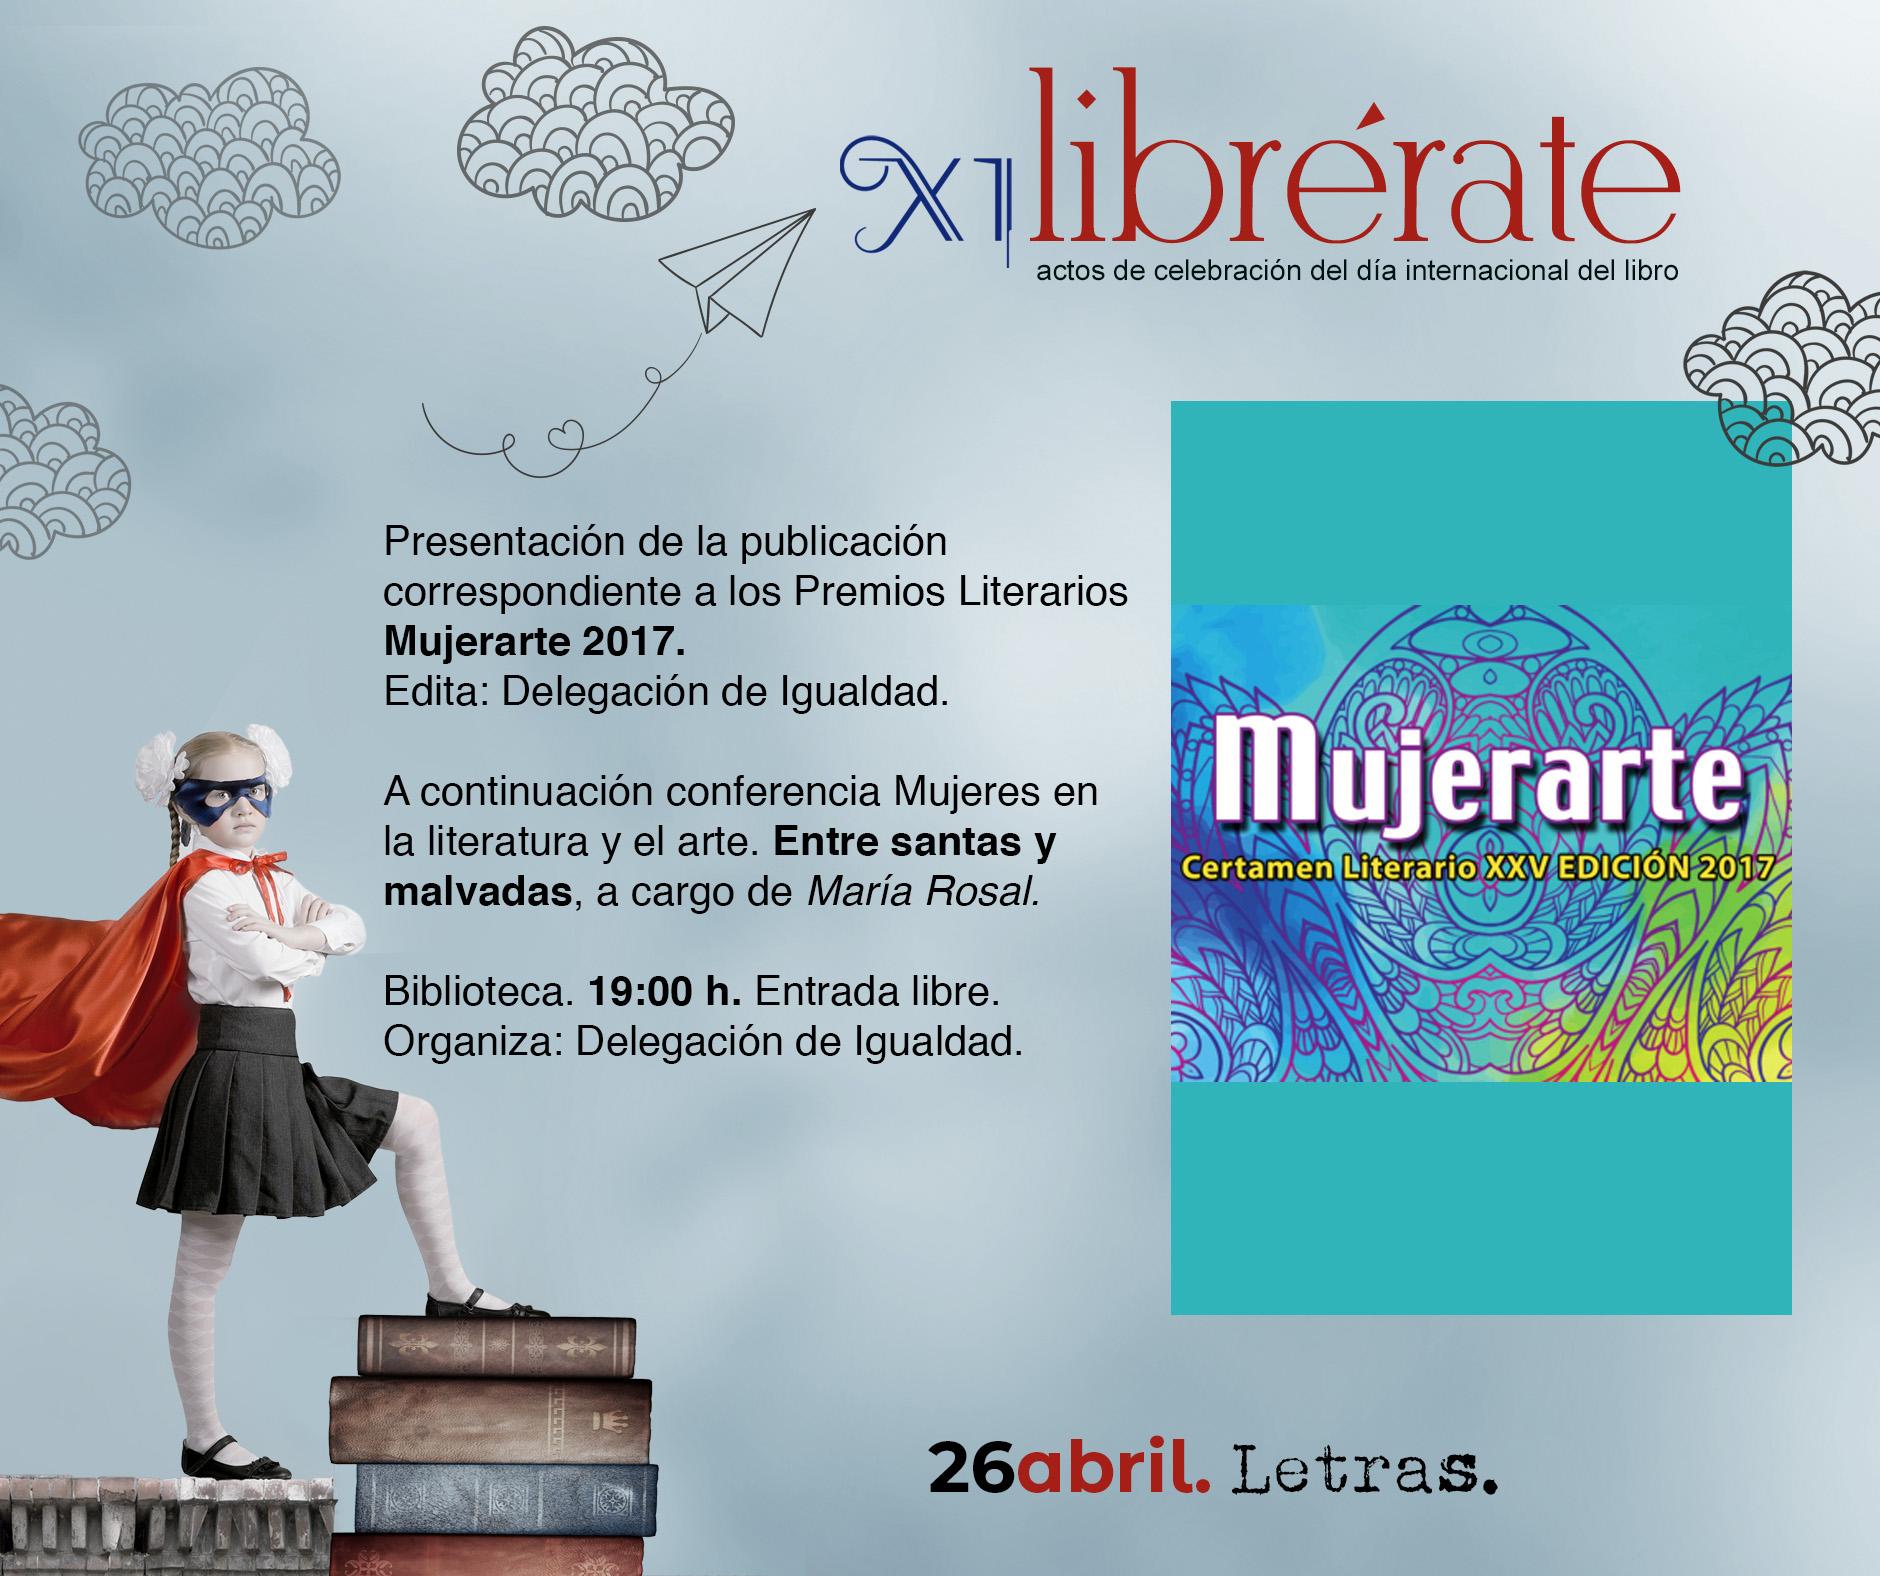 Presentación de la publicación correspondiente a los Premios Literarios Mujerarte 2017 @ Biblioteca Pública Municipal